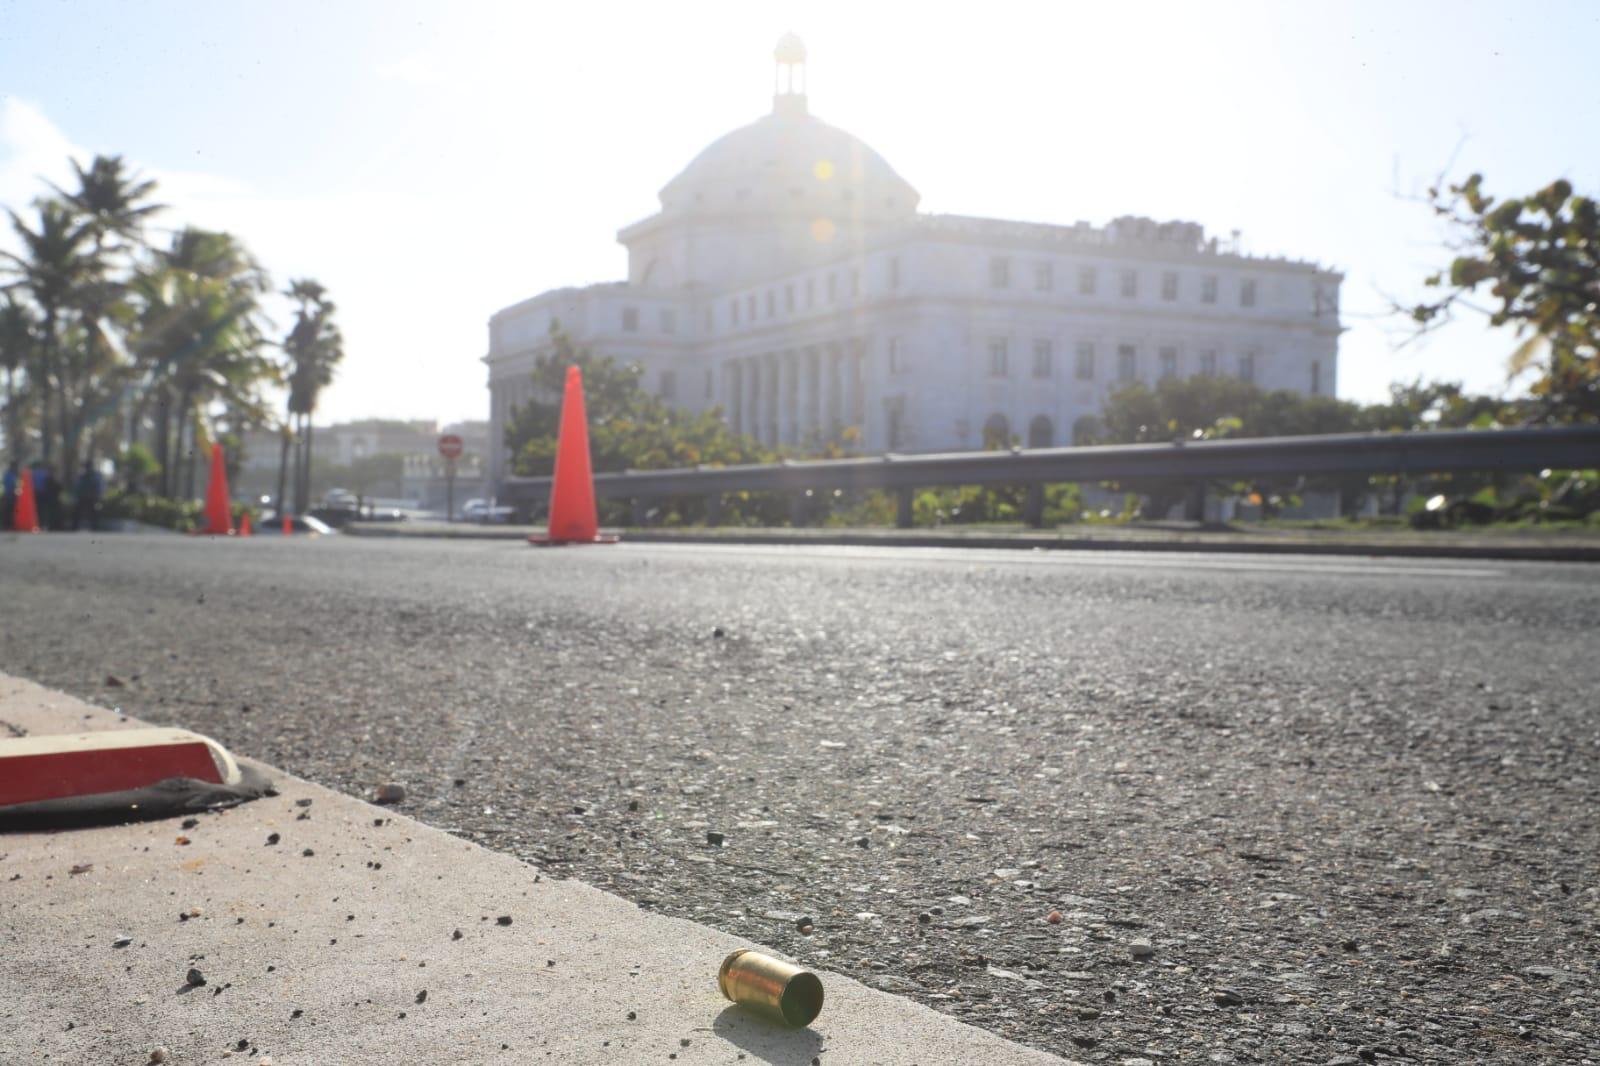 La Policía investiga varios disparos realizados desde un auto azul frente al Capitolio